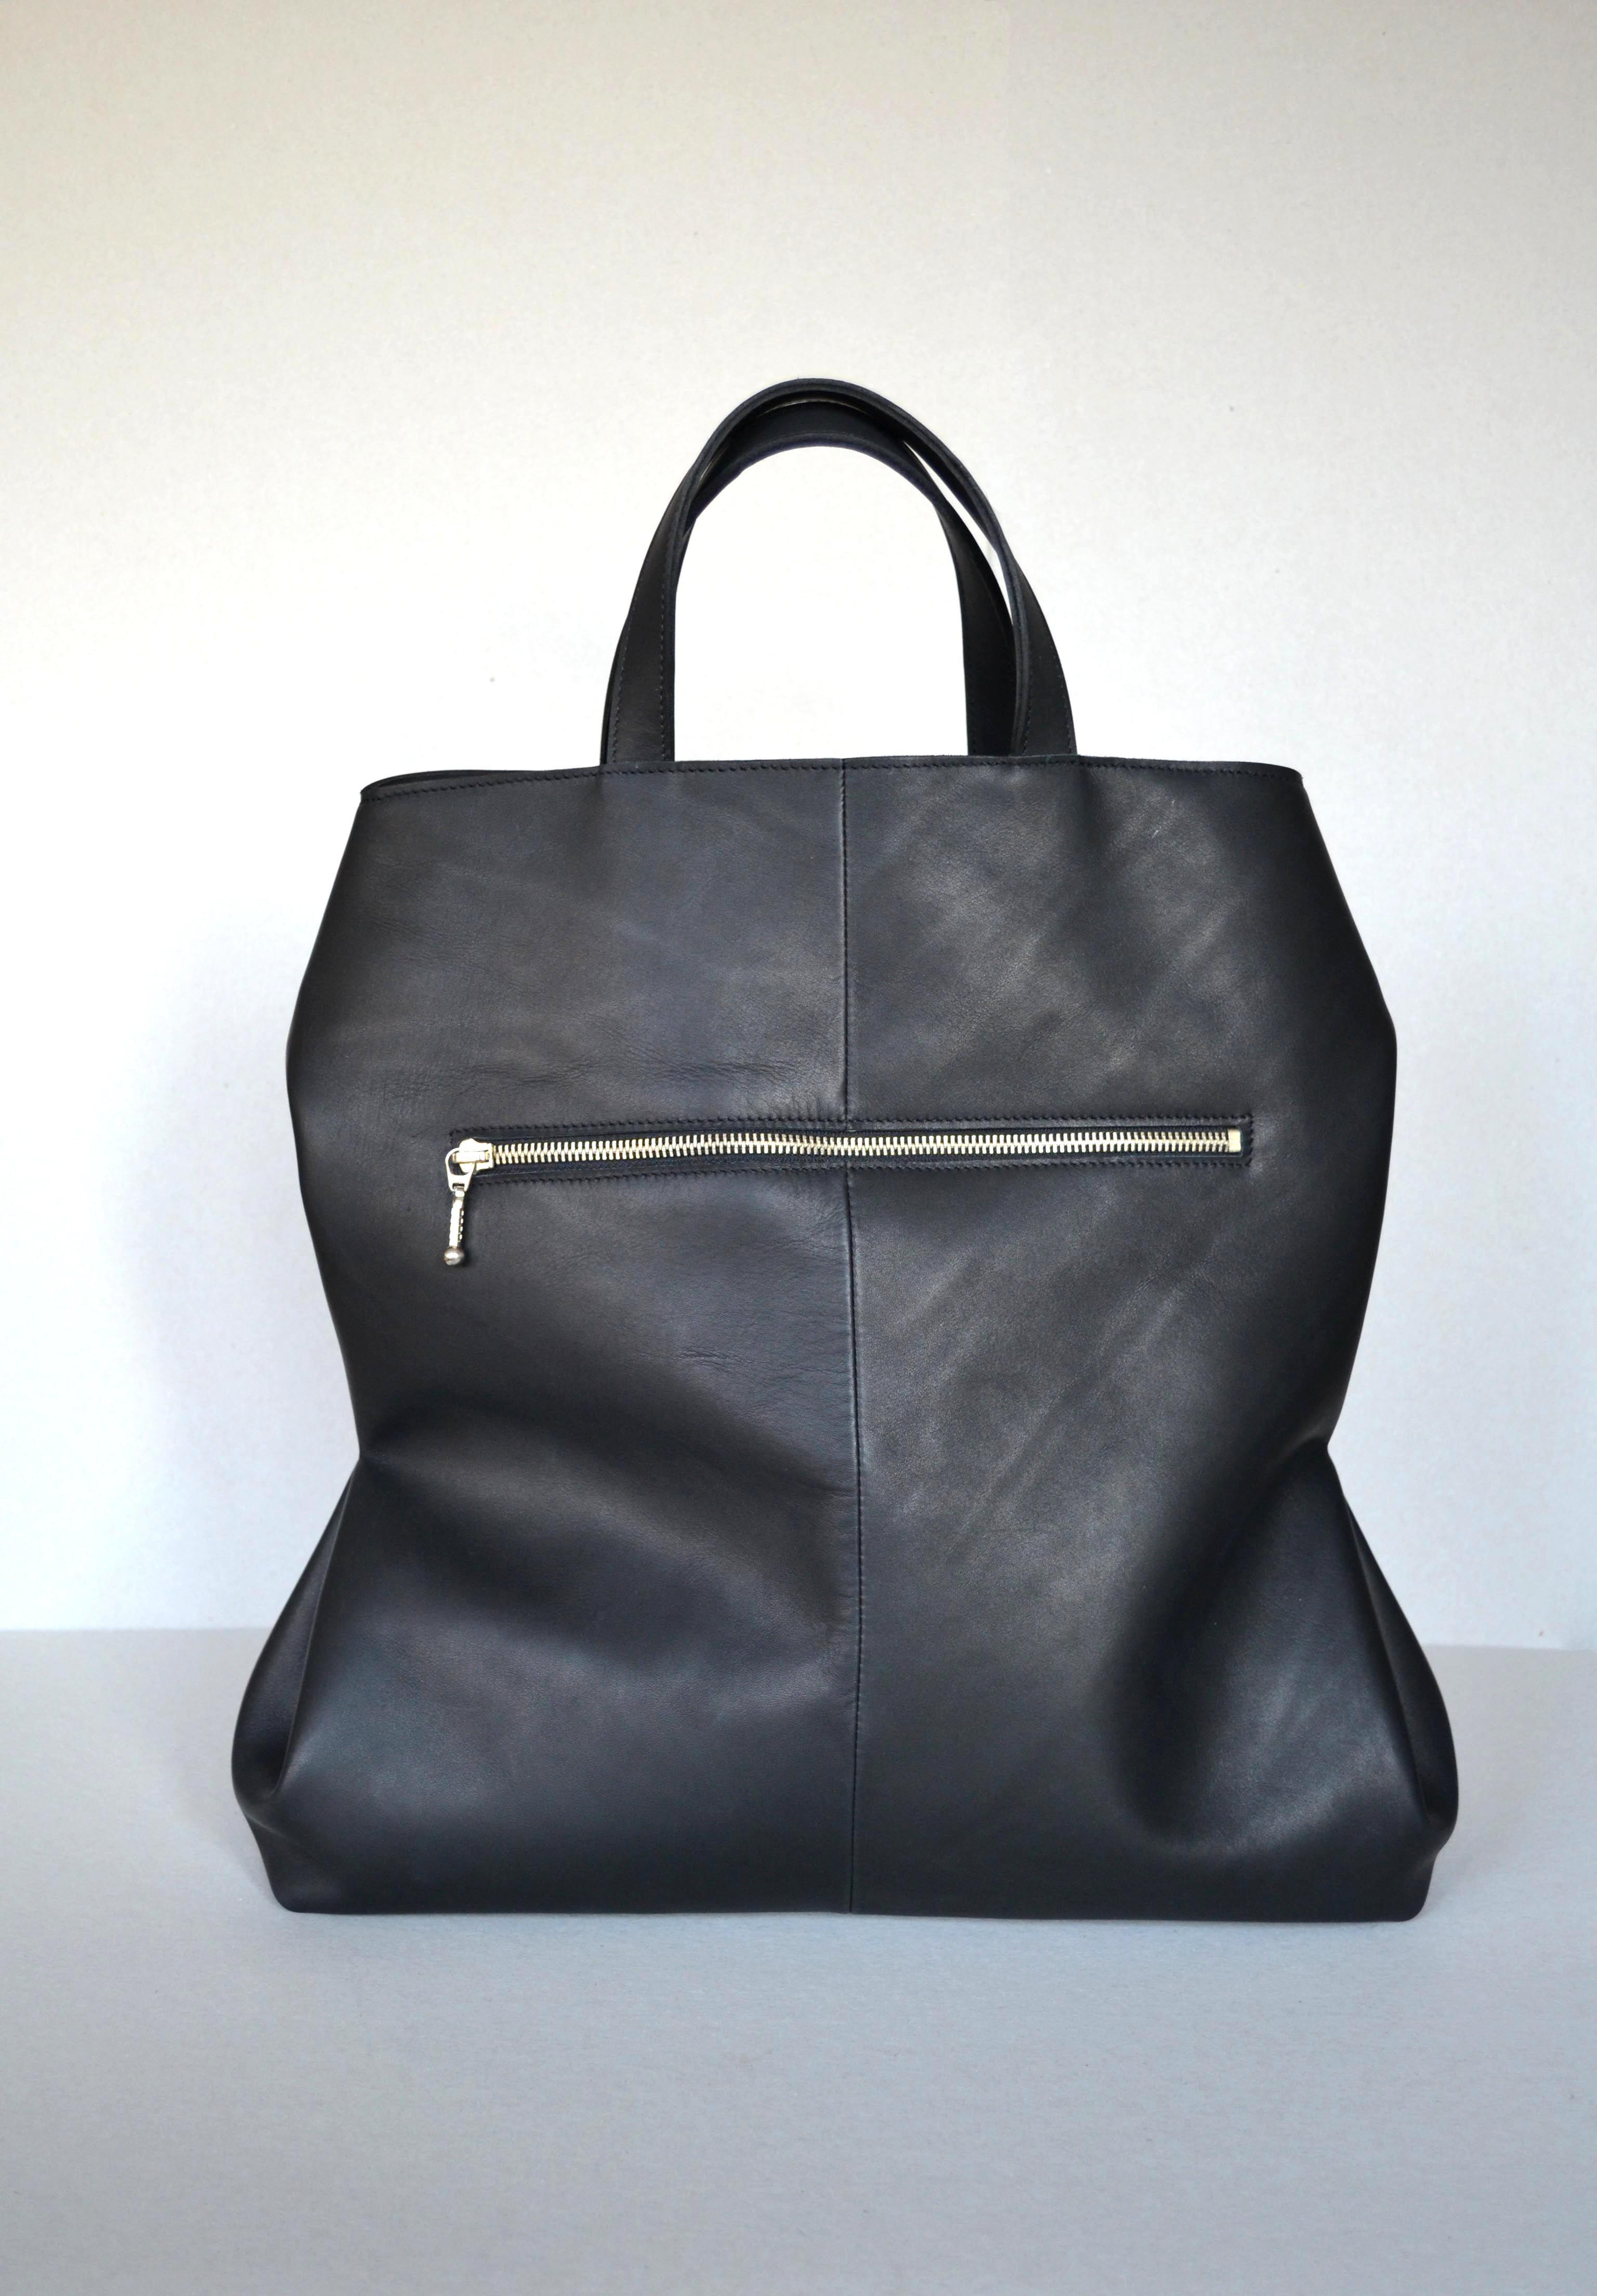 06bd6f316b5 Shopper 'Folded' - Judith van den Berg Winkeltas, Designer Tassen,  Handtassen,